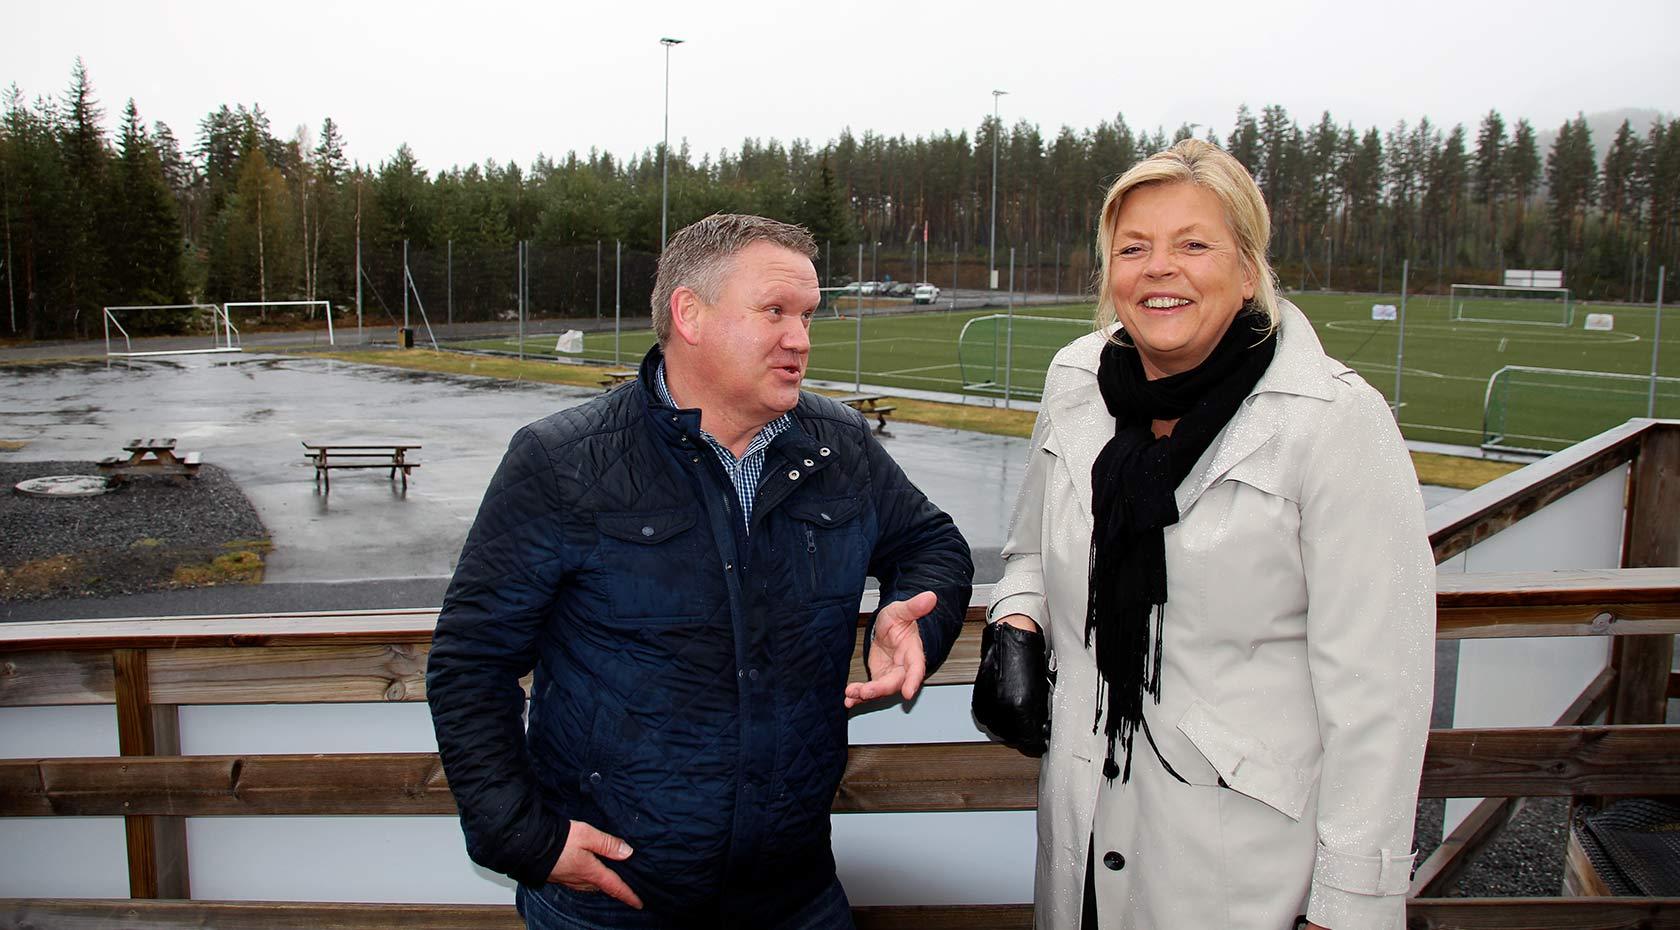 Rådmann i Flesberg Jon Gjæver Pedersen og prosjektleder Kristin Borander jobber for fullt med planleggingen av det nye skoleanlegget på Stevningsmogen.